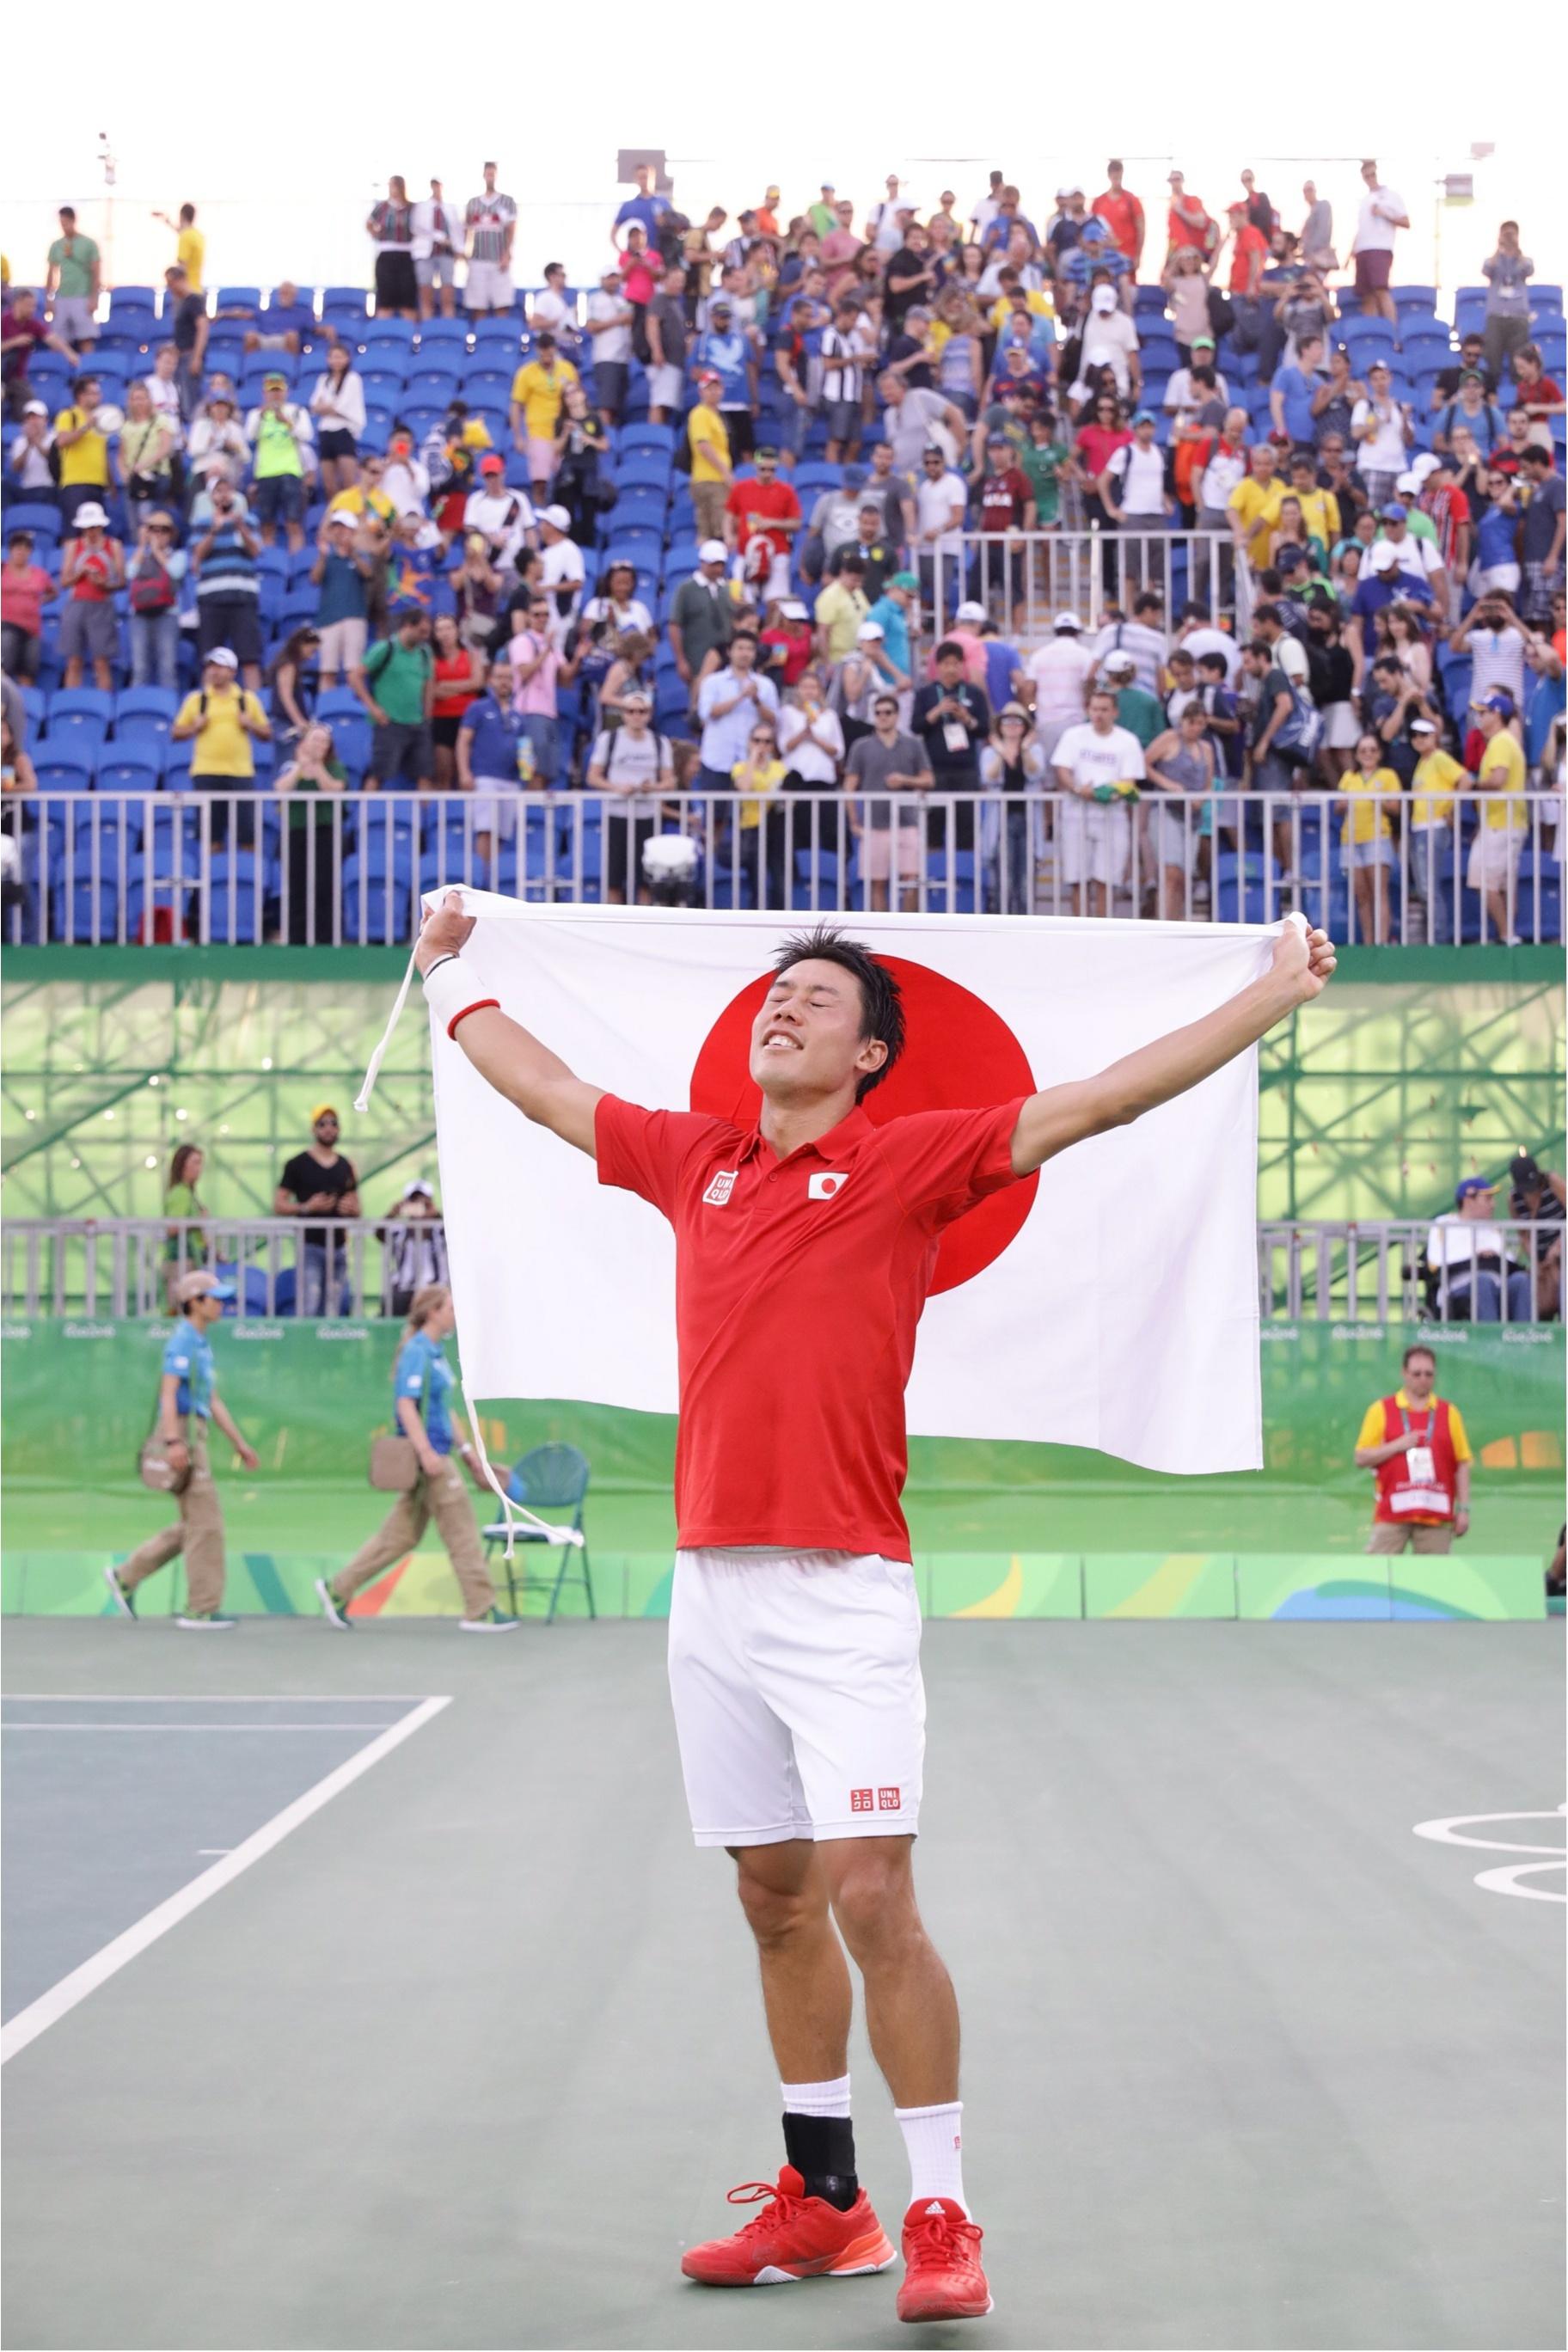 錦織圭選手96年ぶりのメダルに大歓声! バドミントンはいよいよメダル目指して決勝トーナメントです!_1